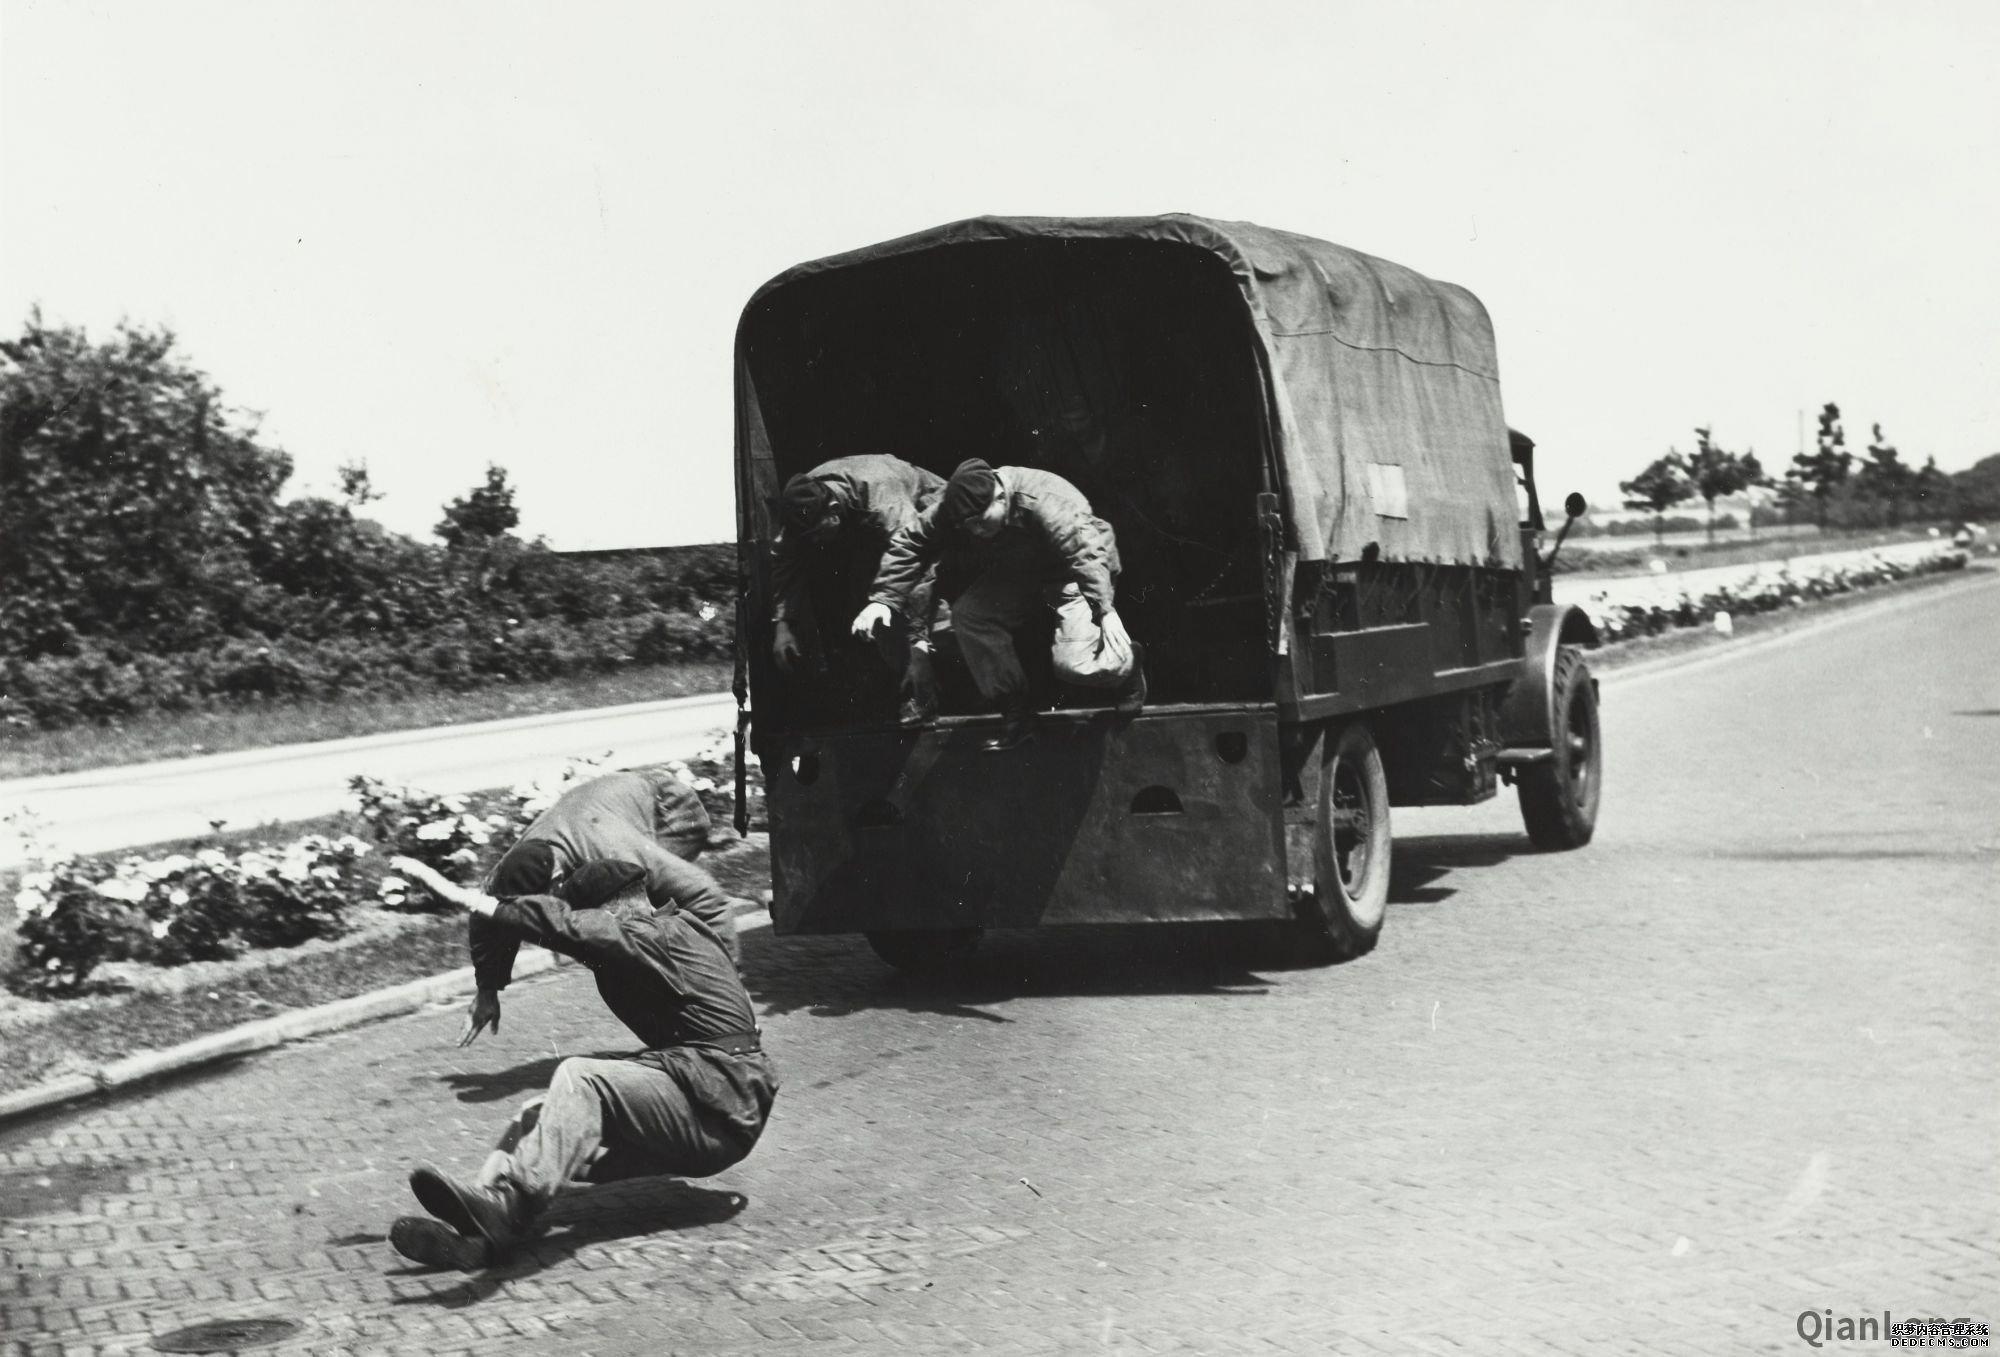 01.正在进行跳车演示的荷兰皇家陆军突击队队员。